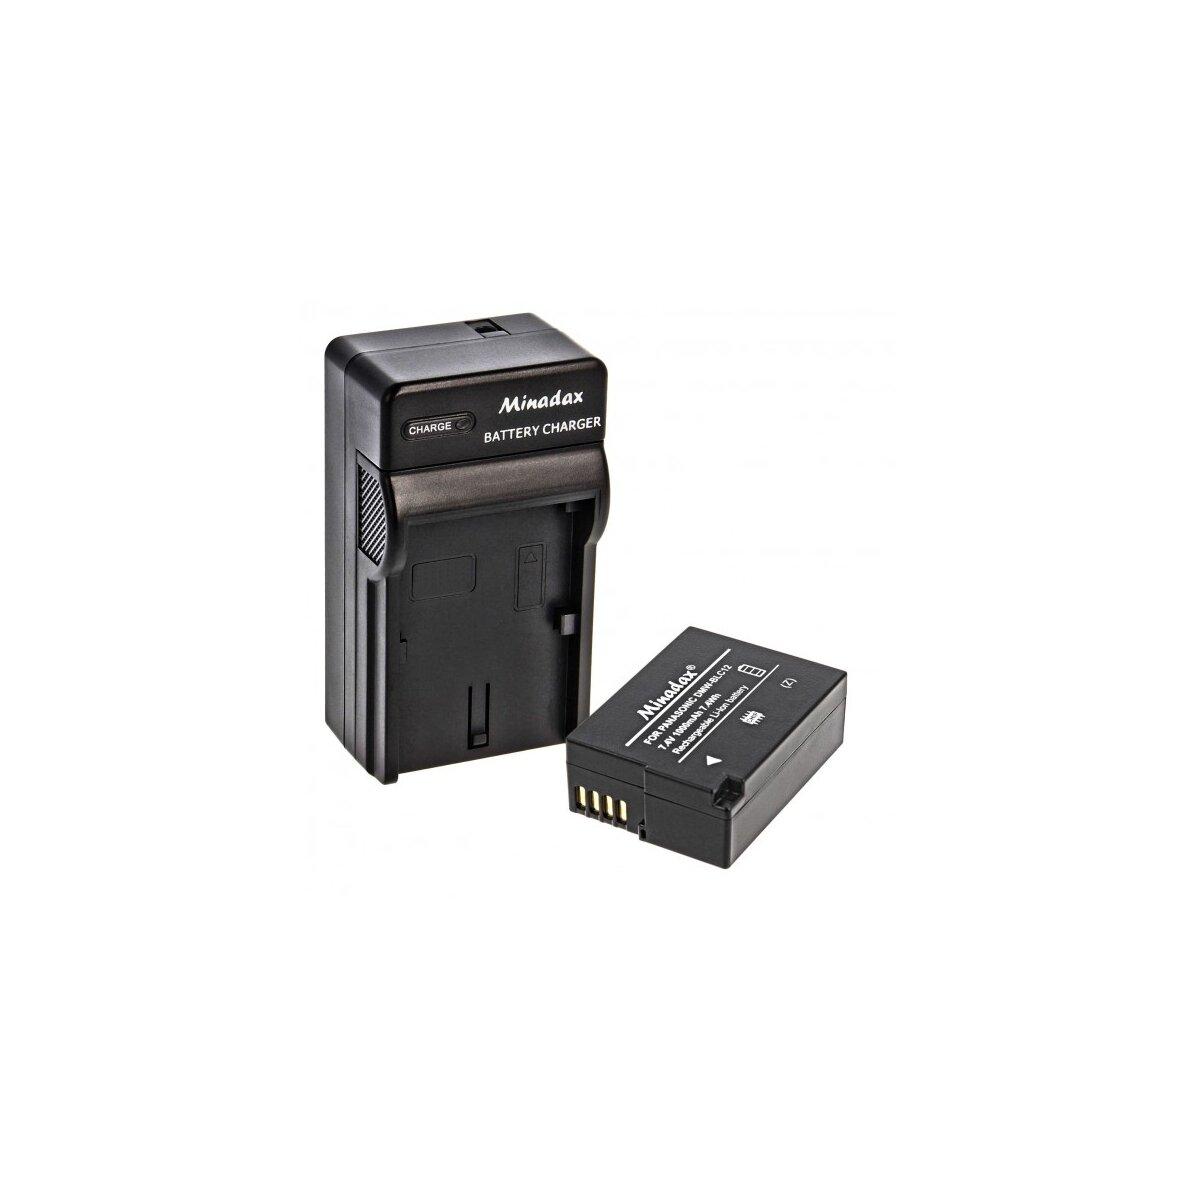 Minadax® Ladegeraet 100% kompatibel fuer Panasonic DMW-BLC12 inkl. Auto Ladekabel, Ladeschale austauschbar + 1x Akku wie DMW-BLC12